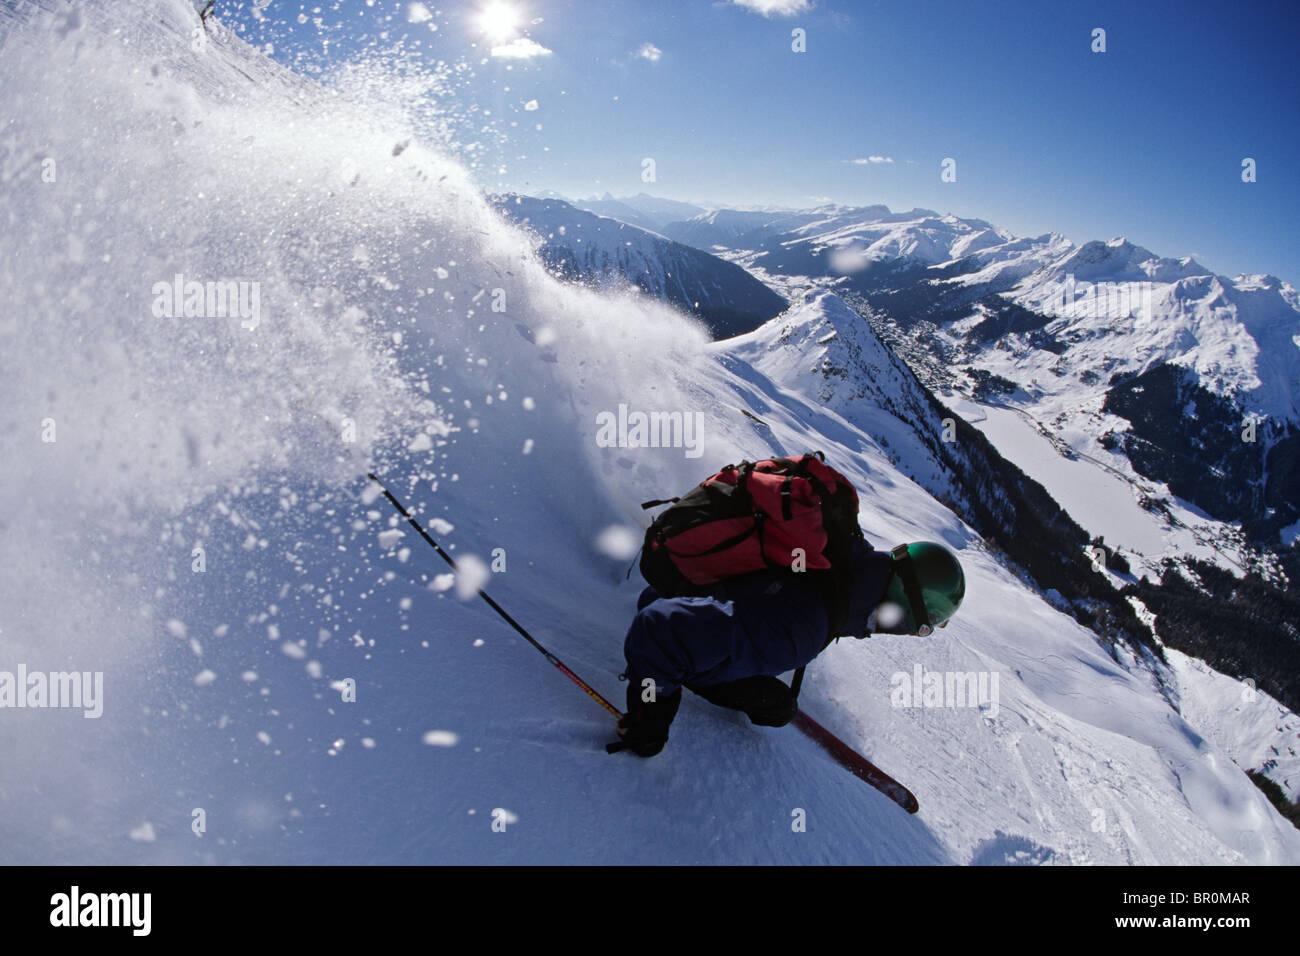 man skiing, Switzerland - Stock Image